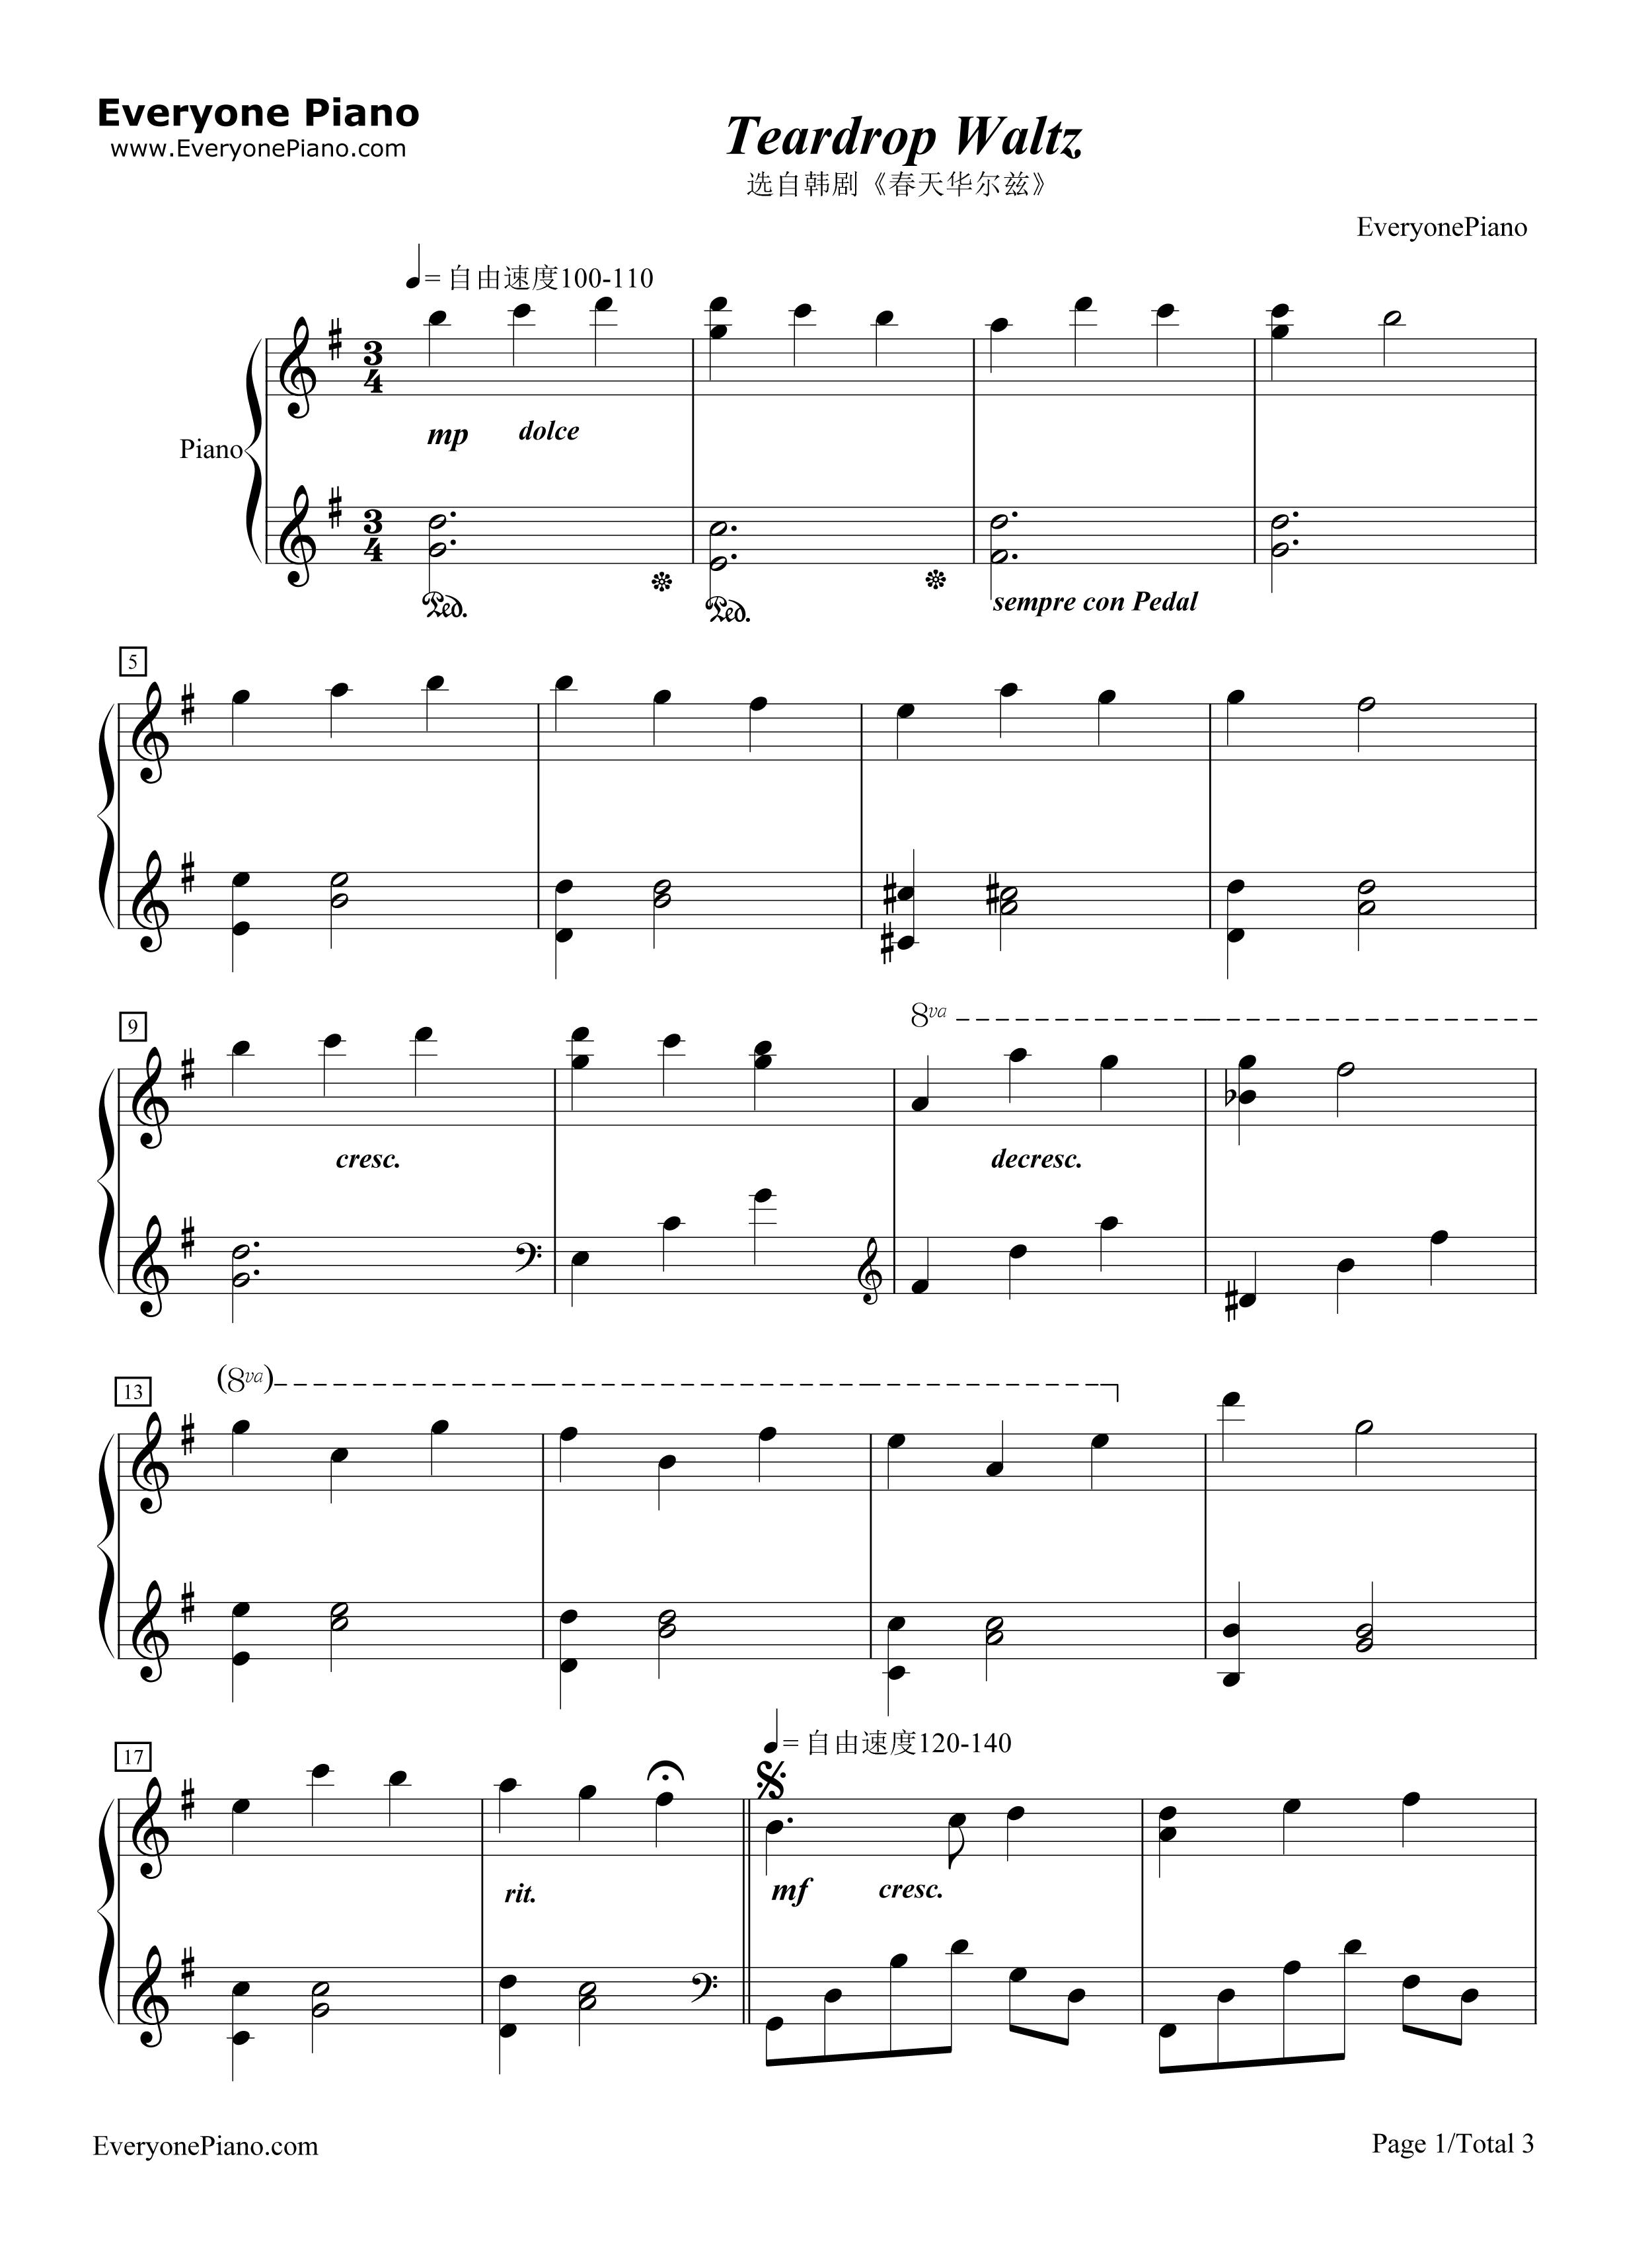 钢琴曲谱 经典 春天华尔兹-teardrop waltz 春天华尔兹-teardrop